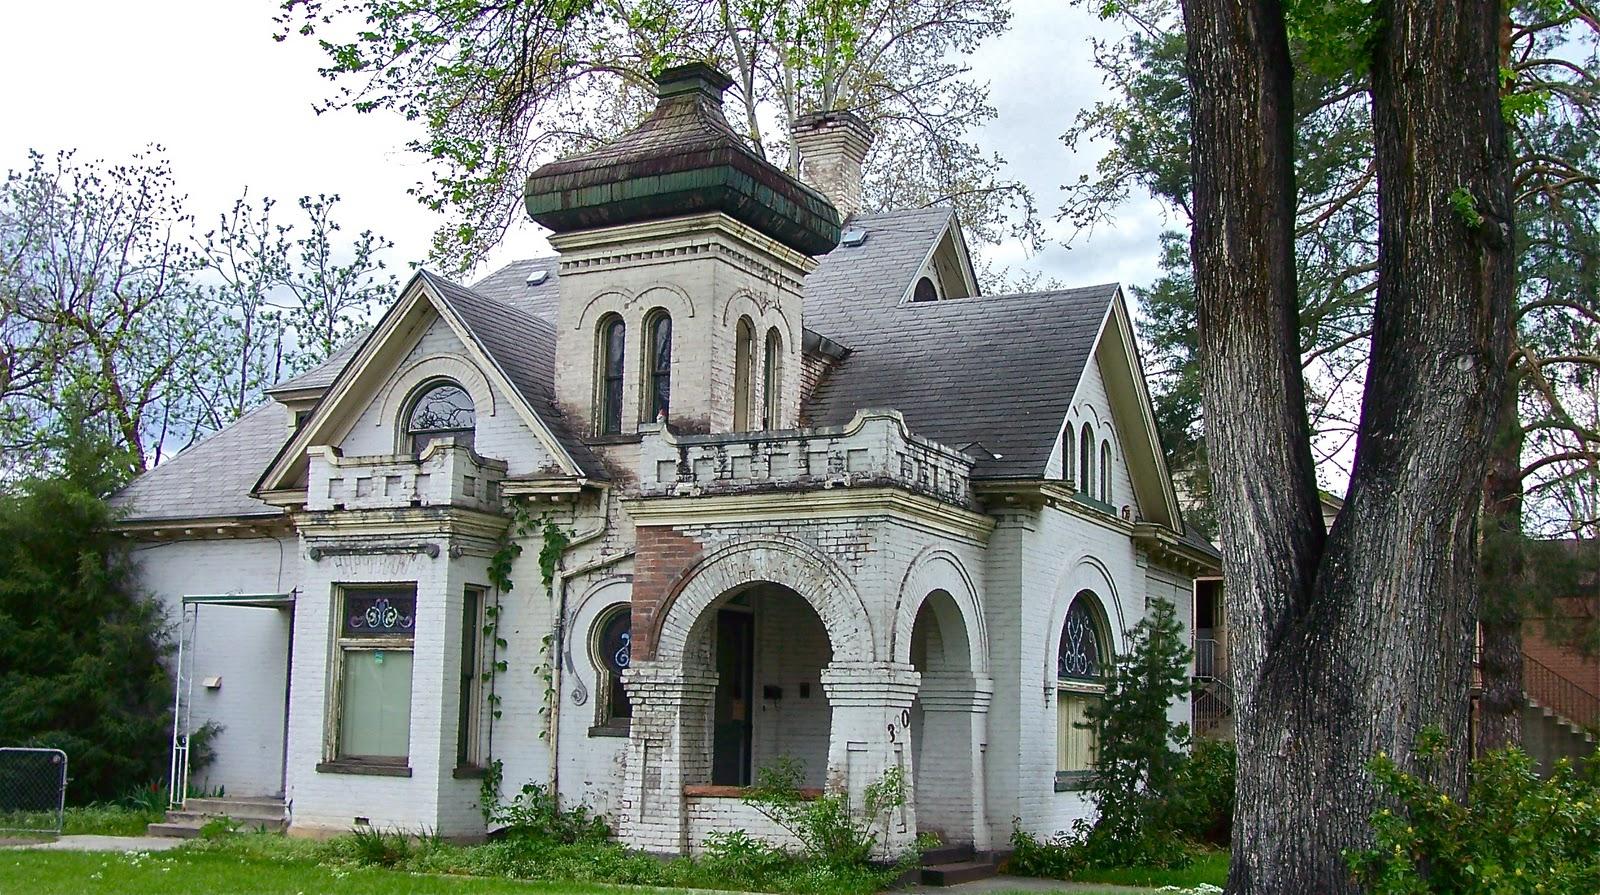 Knight-Allen House